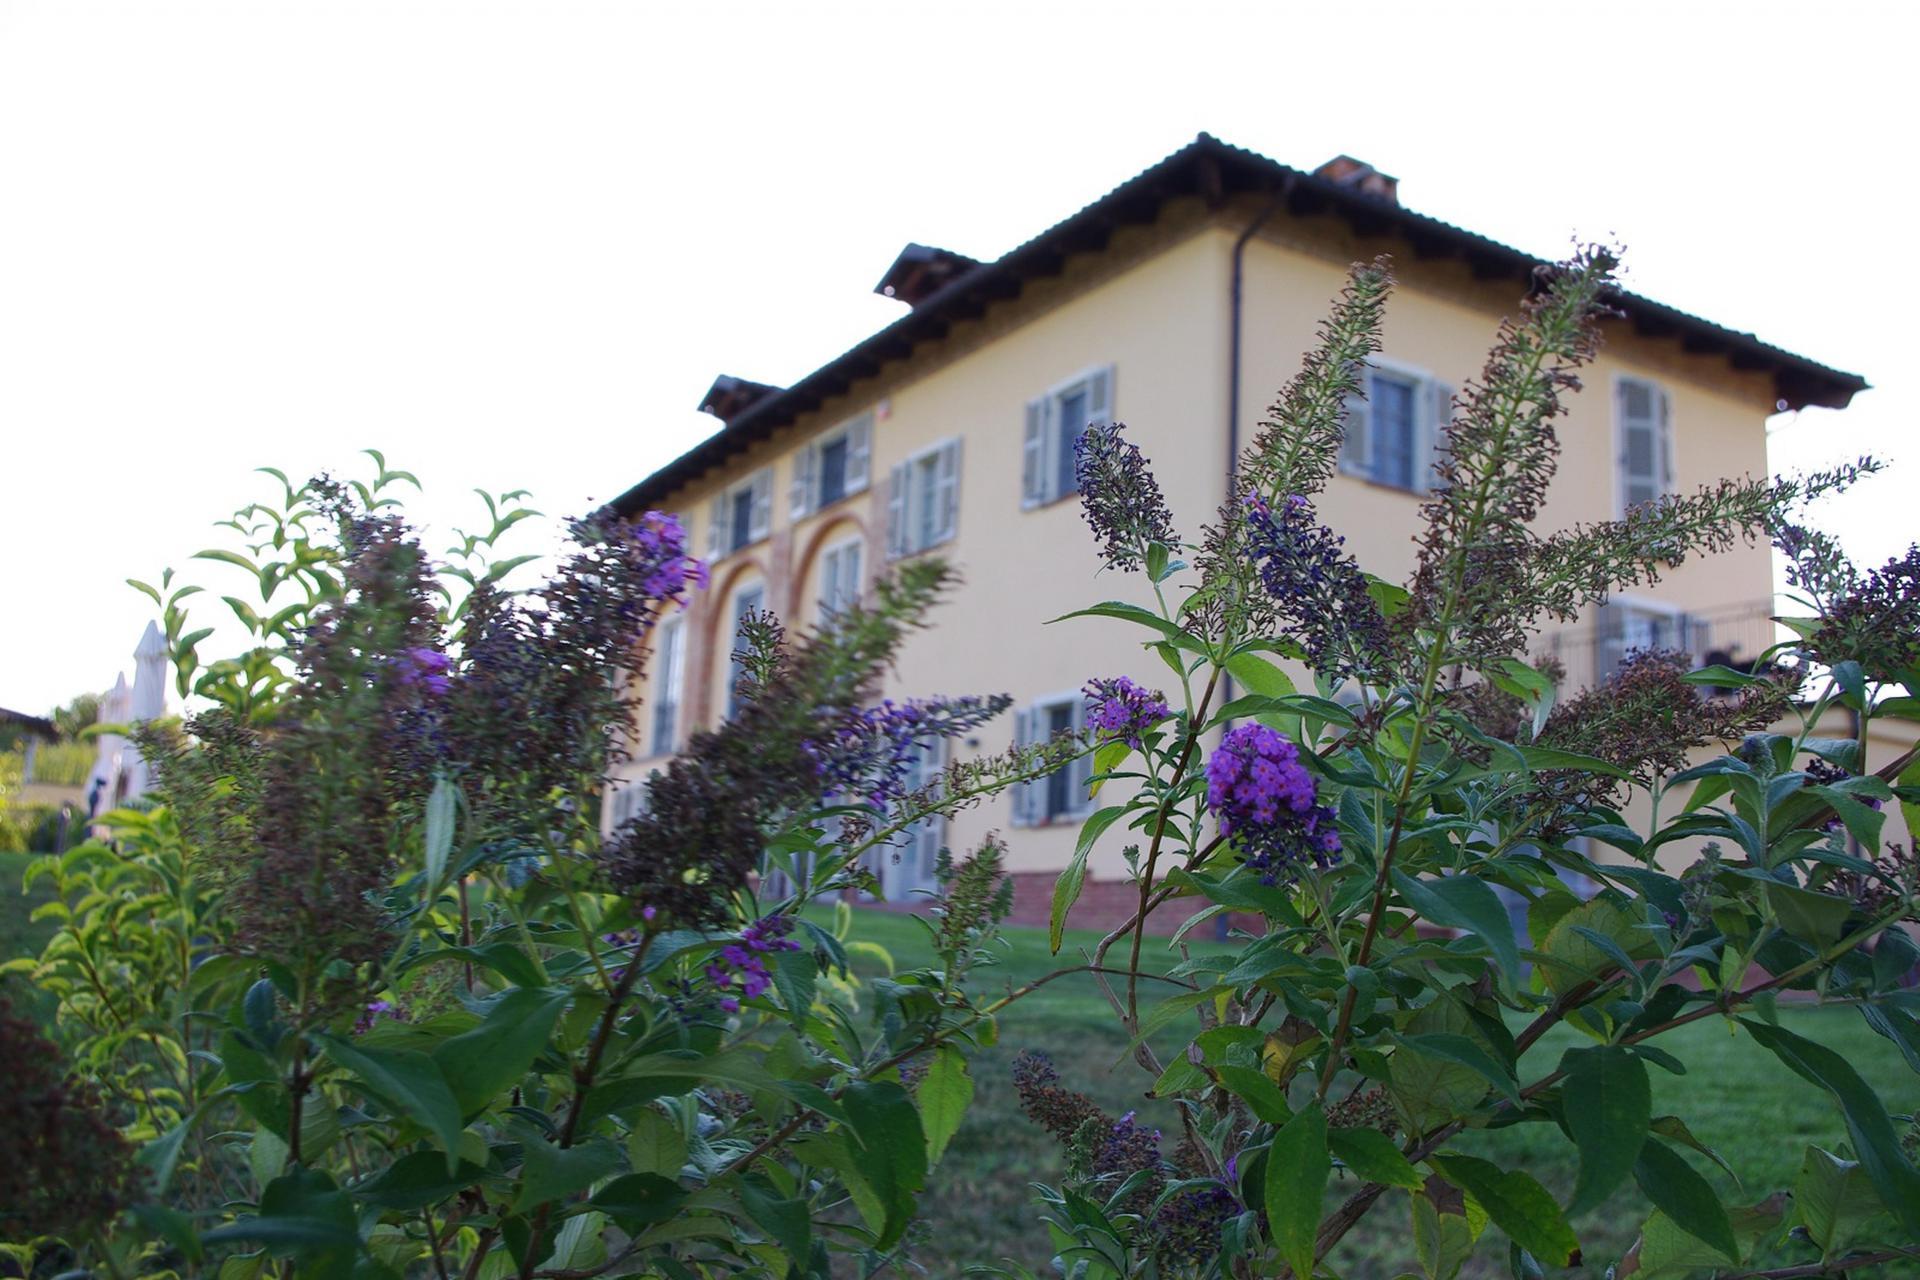 Agriturismo Piemont Agriturismo Piemont, romantisch in den Hügeln gelegen